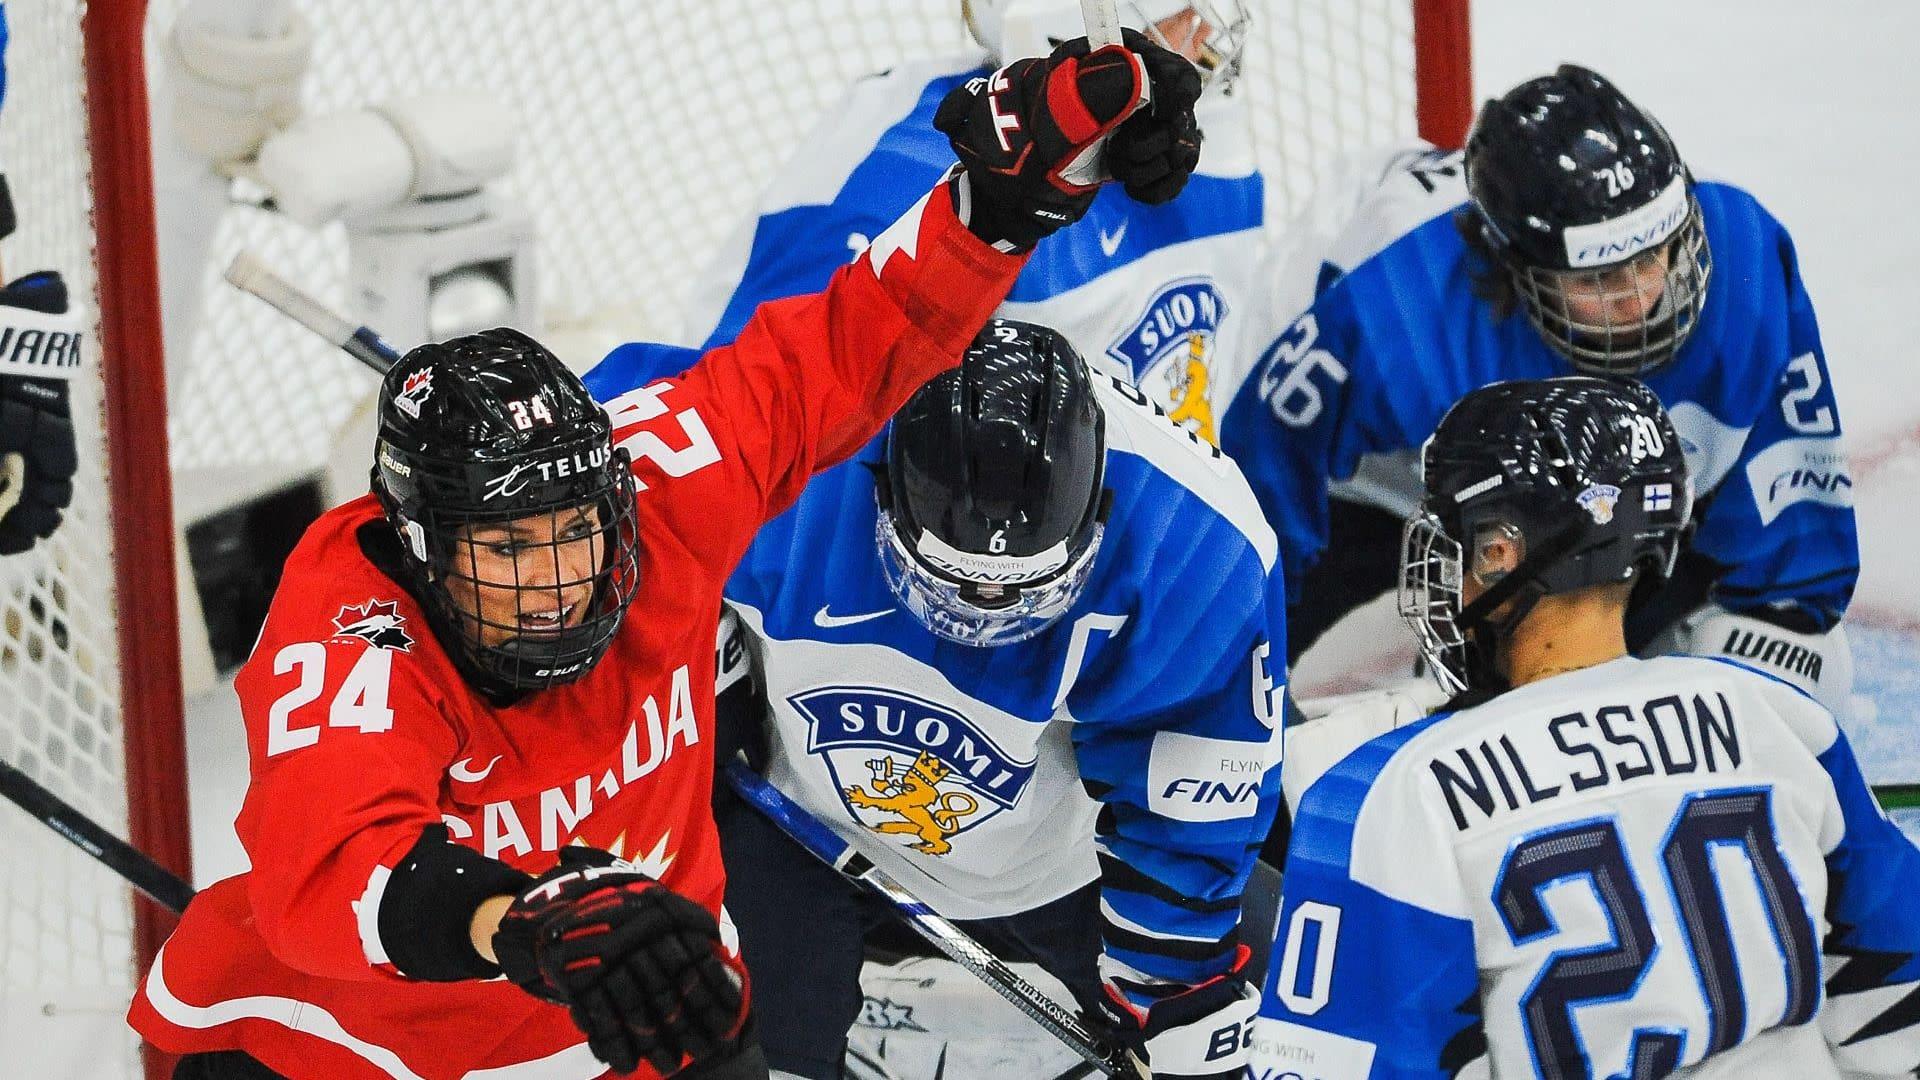 Suomi hävisi Kanadalle maalein 3-5 avausottelunsa jääkiekon naisten MM-kisoissa Kanadan Calgaryssä 20.8.2021..